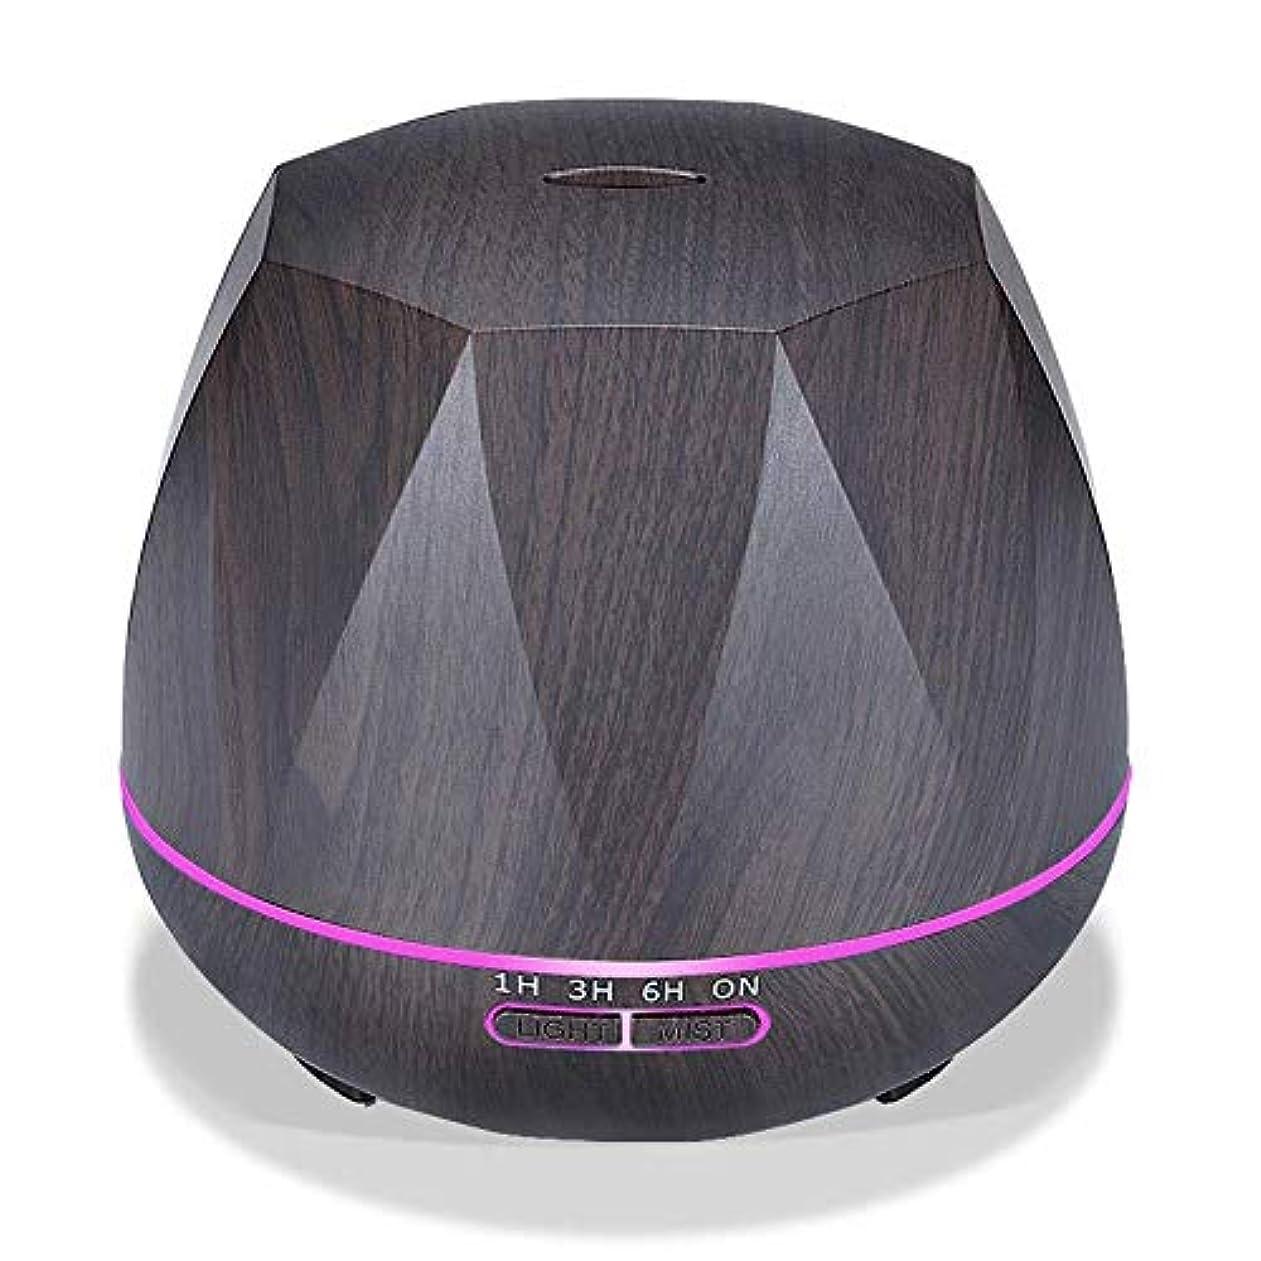 北東分配しますパリティ木目 涼しい霧 加湿器,7 色 空気を浄化 加湿機 時間 デスクトップ 精油 ディフューザー アロマネブライザー Yoga ベッド 寮- 300ml